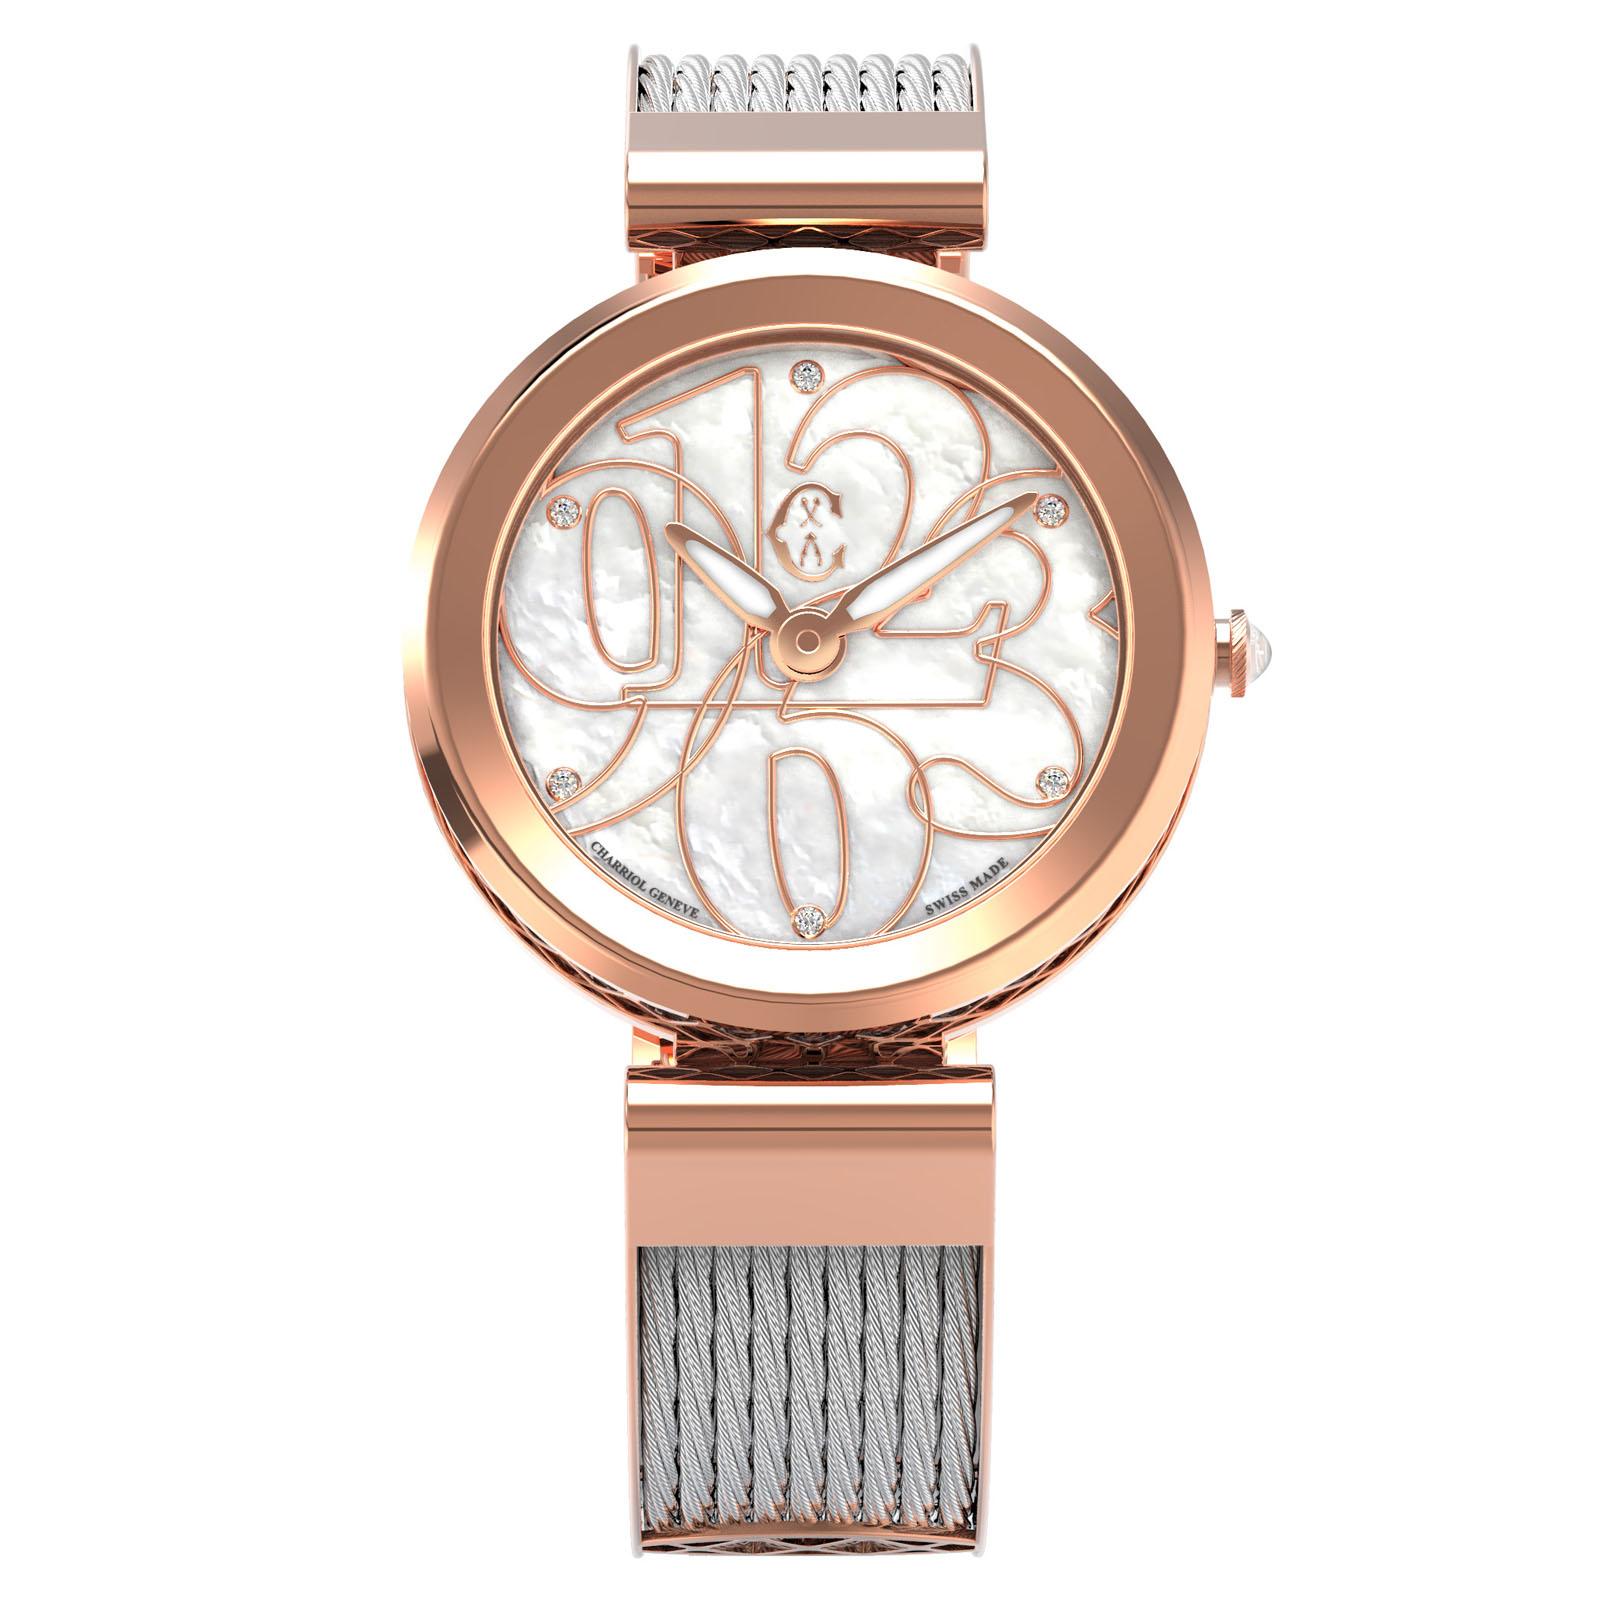 CHARRIOL夏利豪(FE32.102.002)Forever系列半鋼索數字時尚腕錶/珍珠母貝面32mm